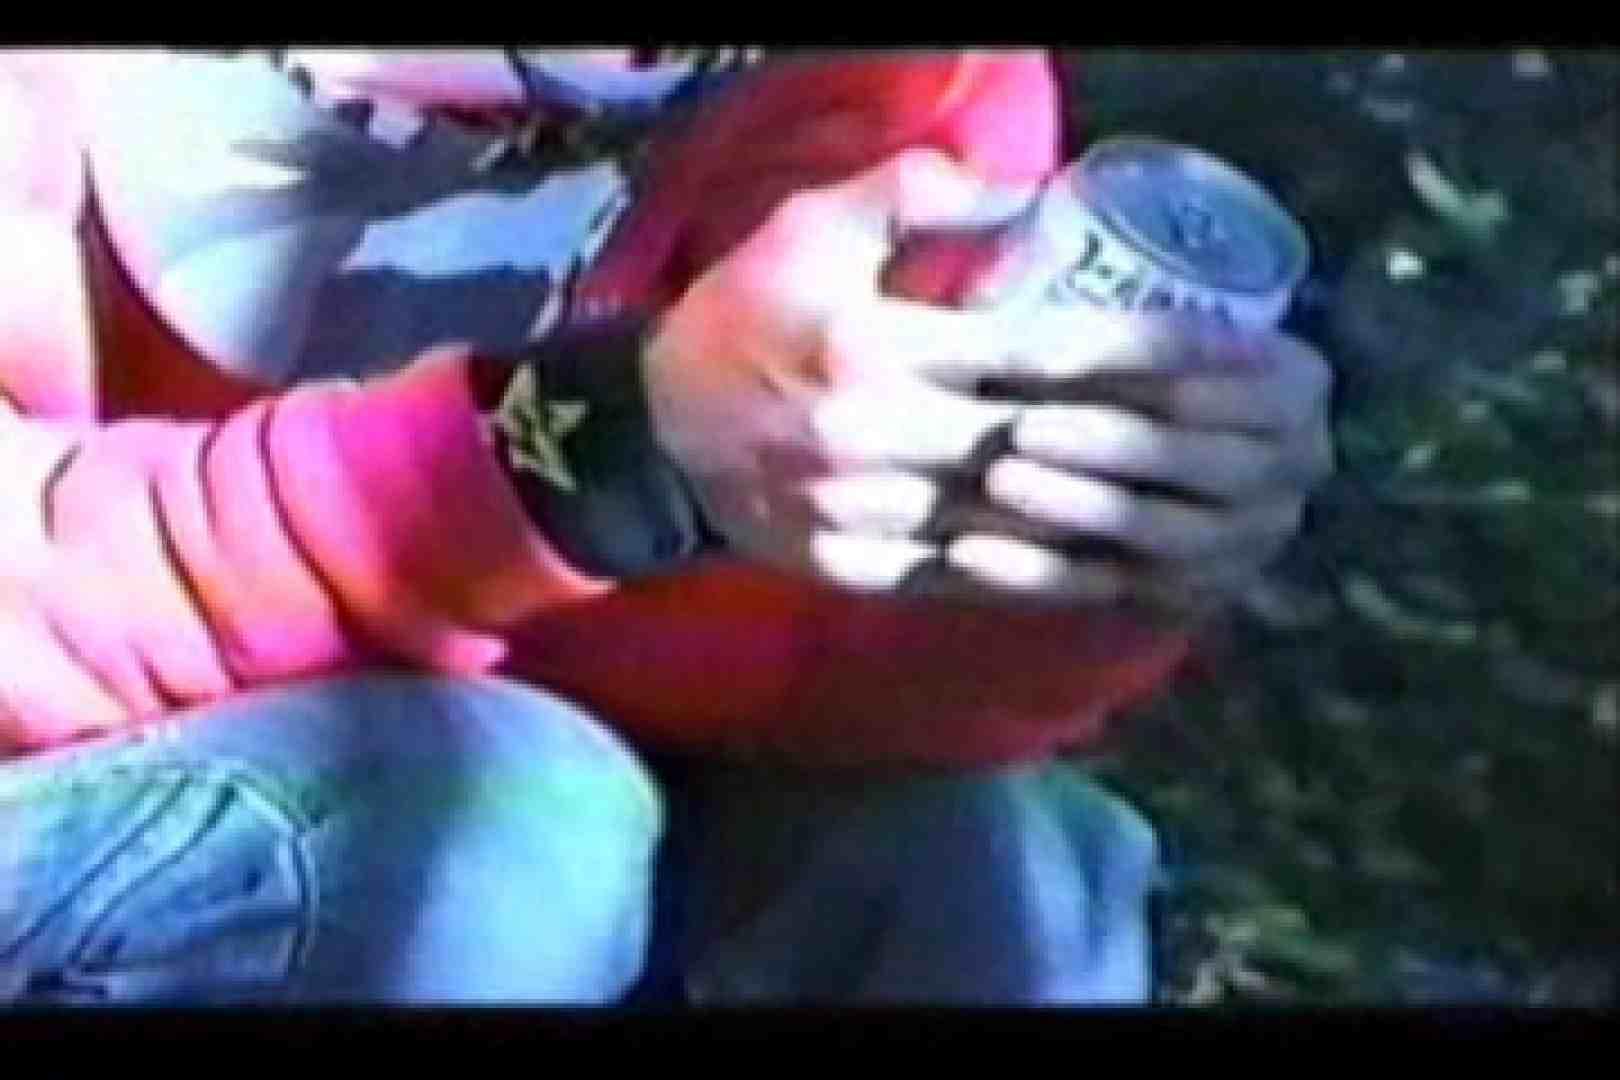 オールドゲイシリーズ  美少年ひかるのオープンファック イケメン  106pic 45